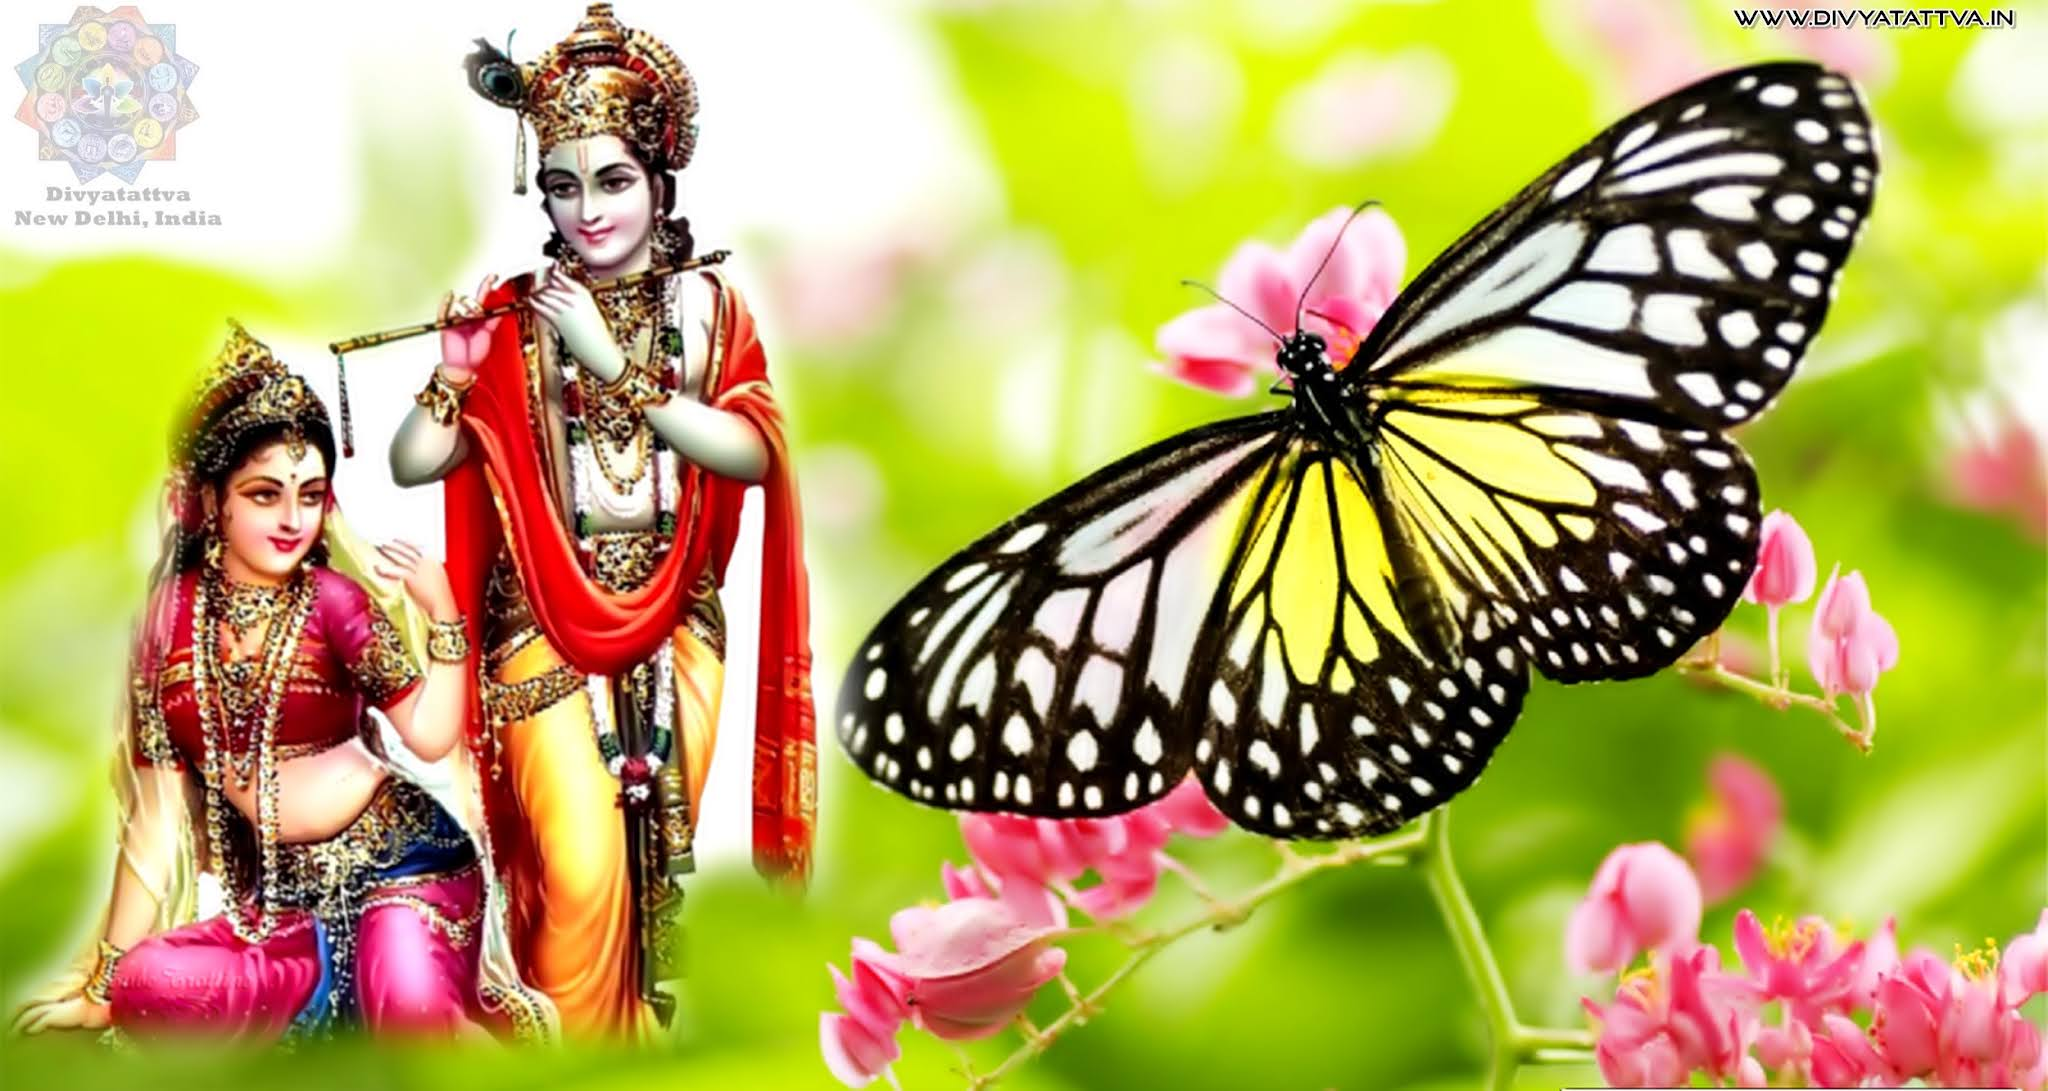 Radha krishna images hd 3d Radha krishna hd wallpapers full size radha krishna 4k